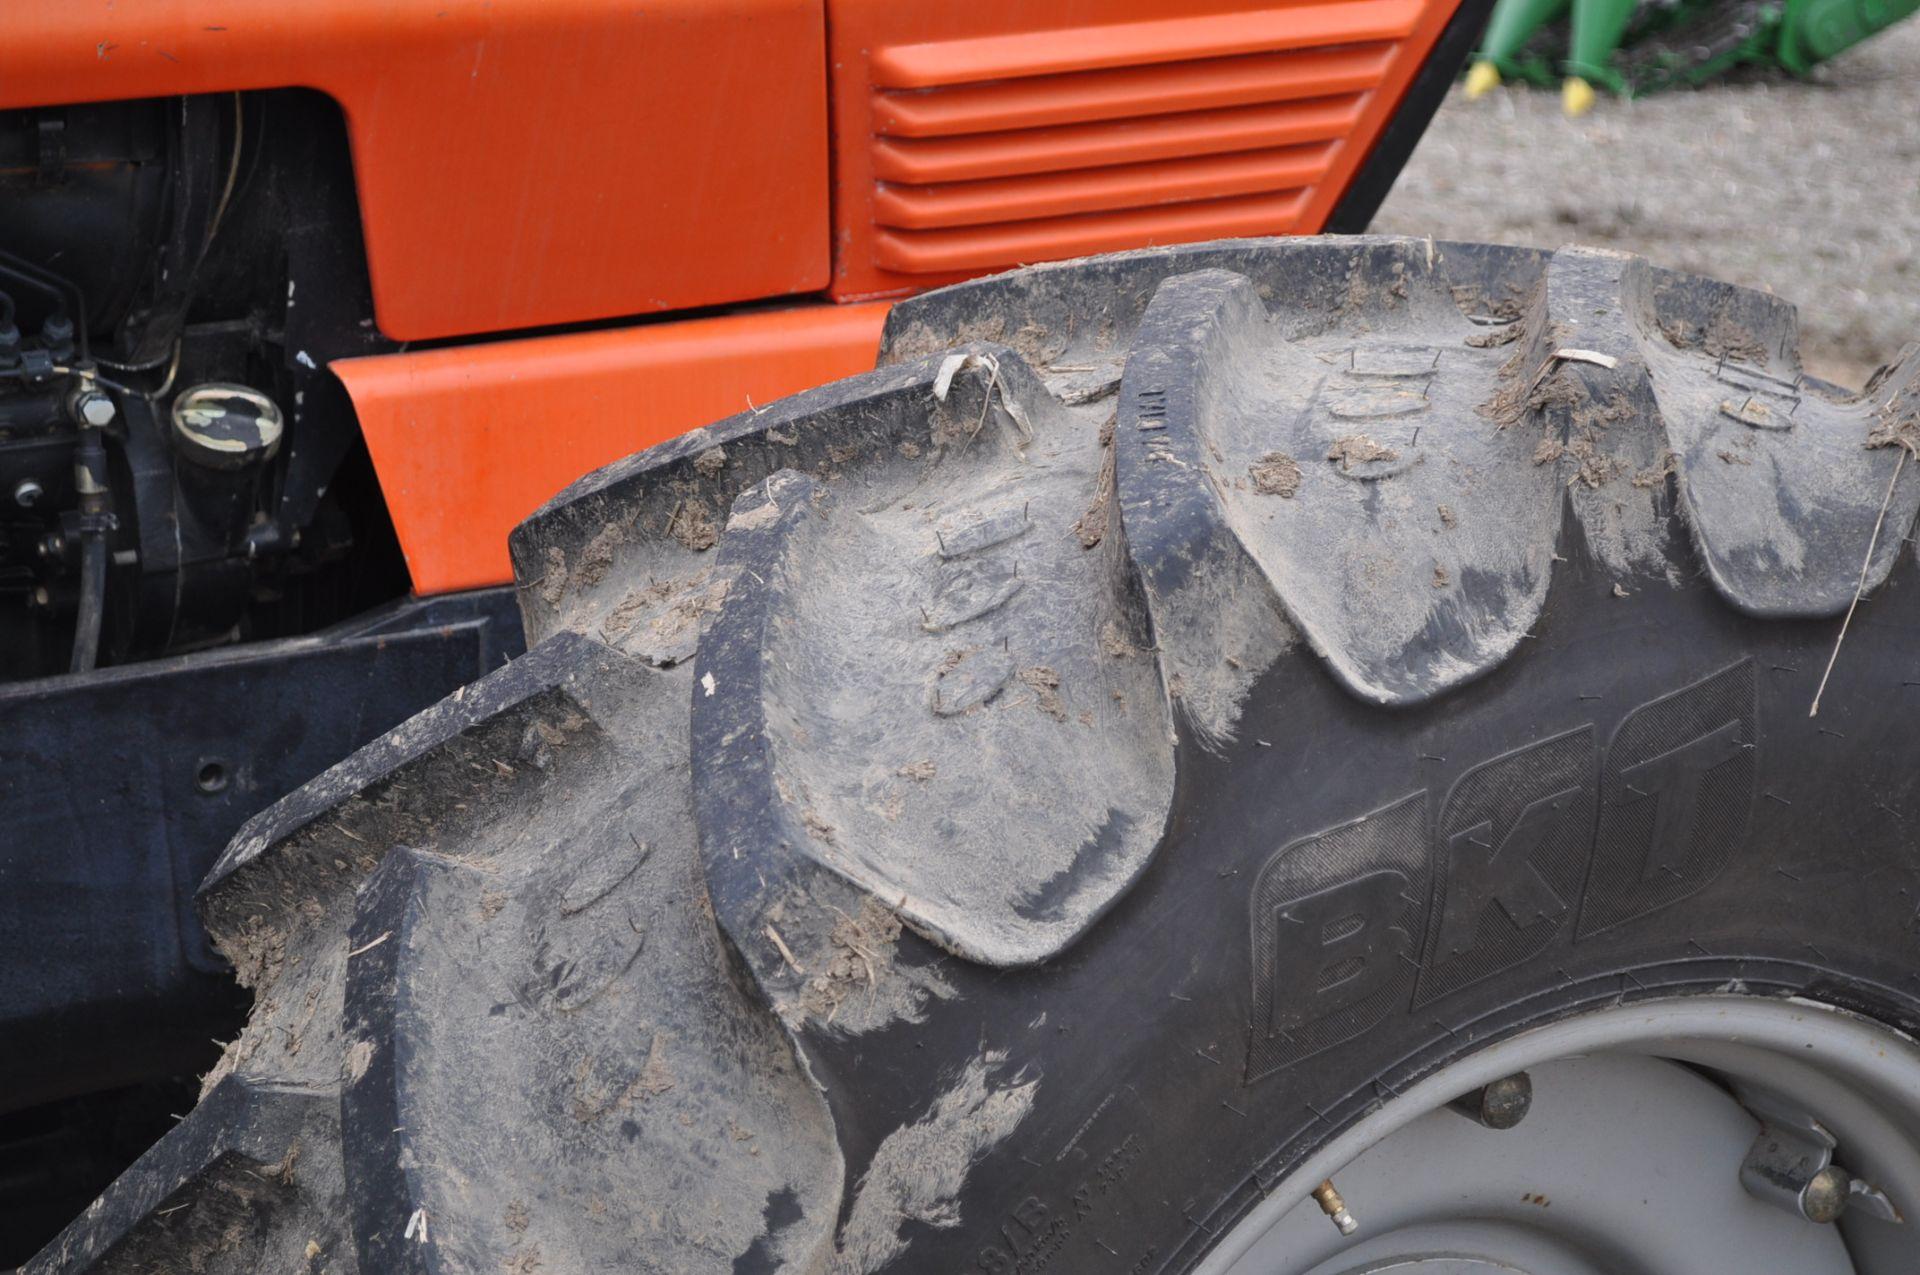 Deutz Allis 9150 tractor, MFWD, 18.4 R 42 duals, 420/85 R 28 tires, 6+3 speed range, 2 hyd - Image 9 of 20